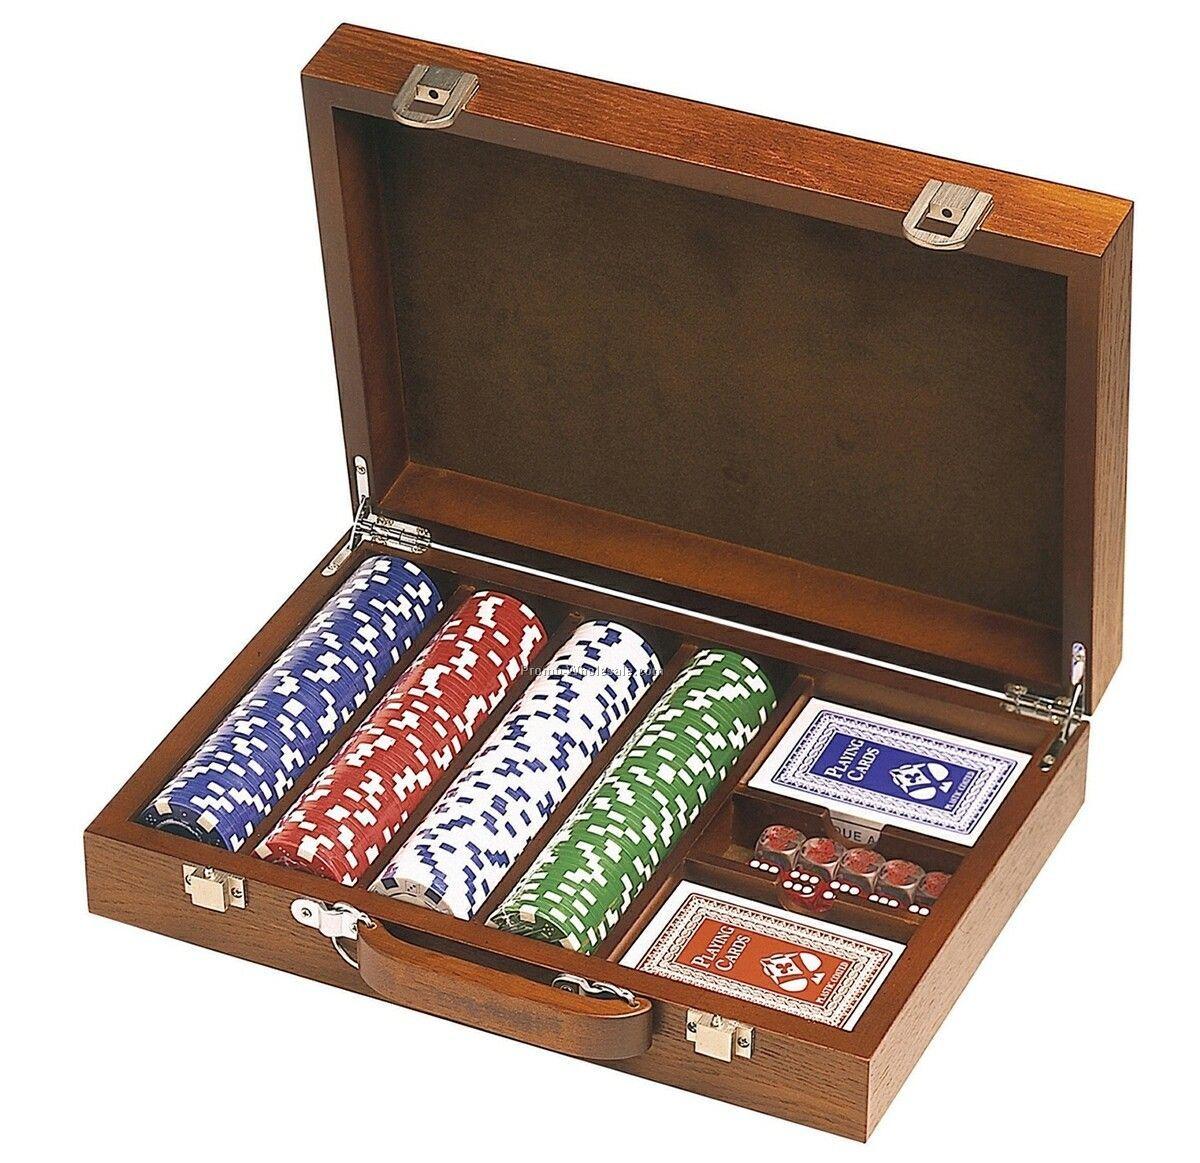 Set up online gambling